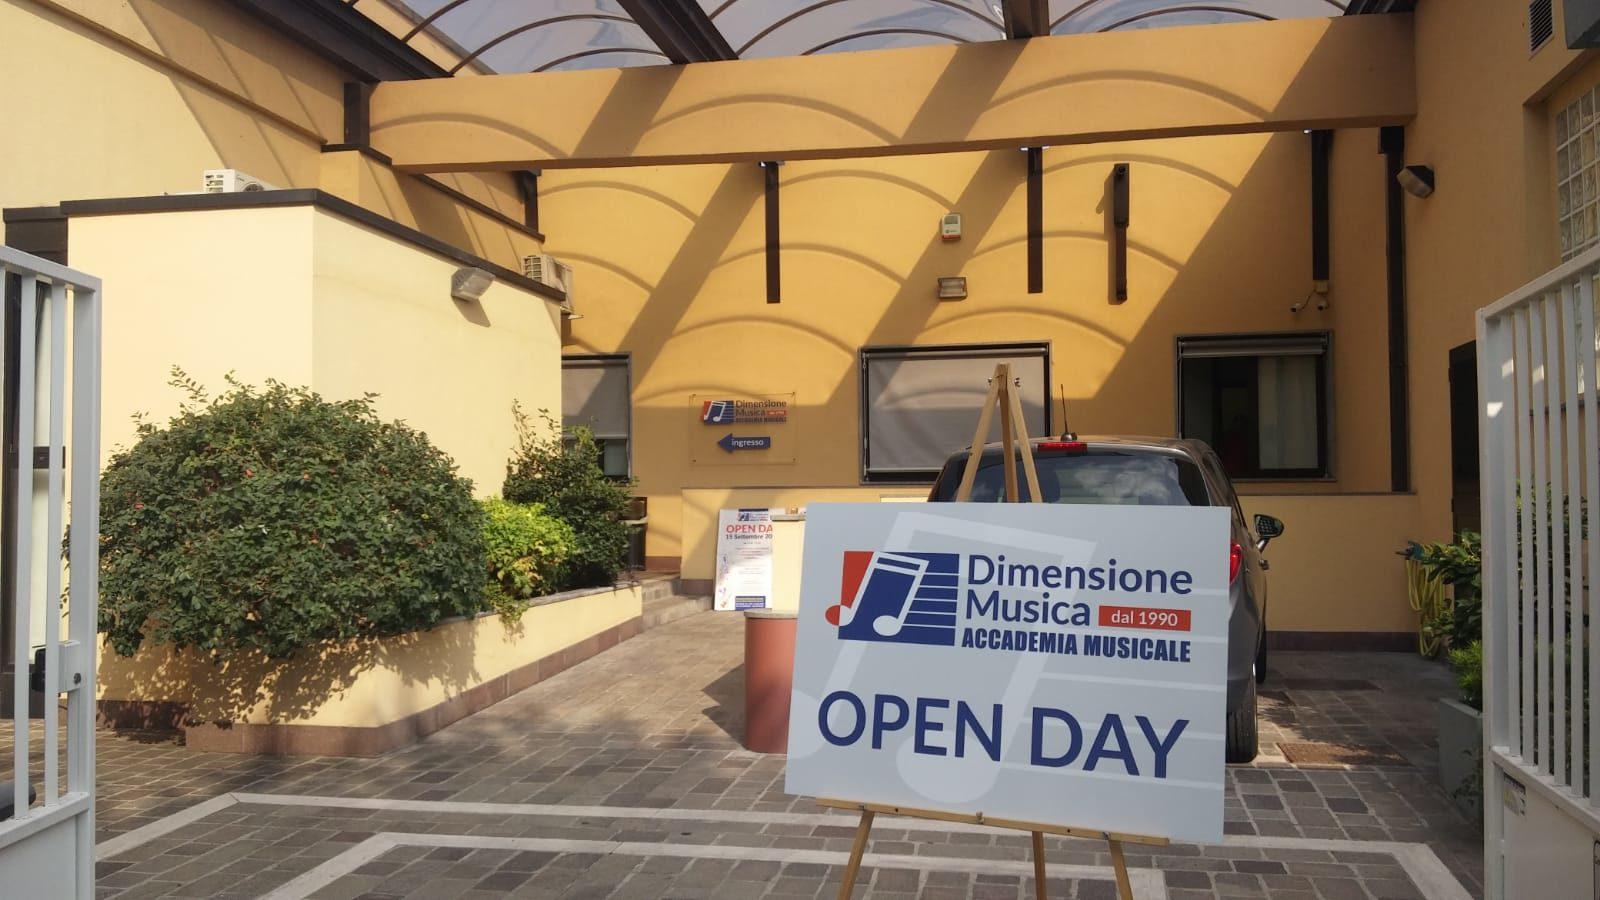 open-day-dimensione-musica-1600x900